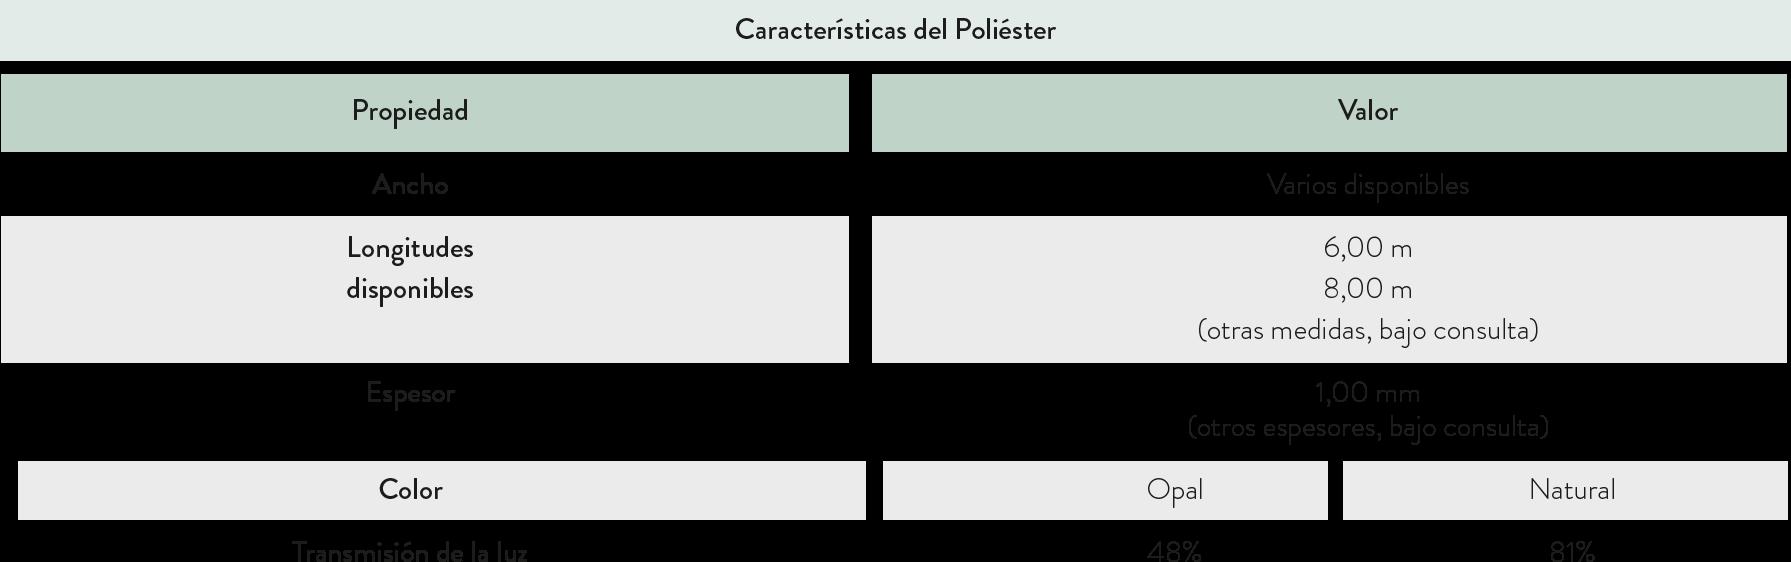 tabla caracteristicas poliester 2